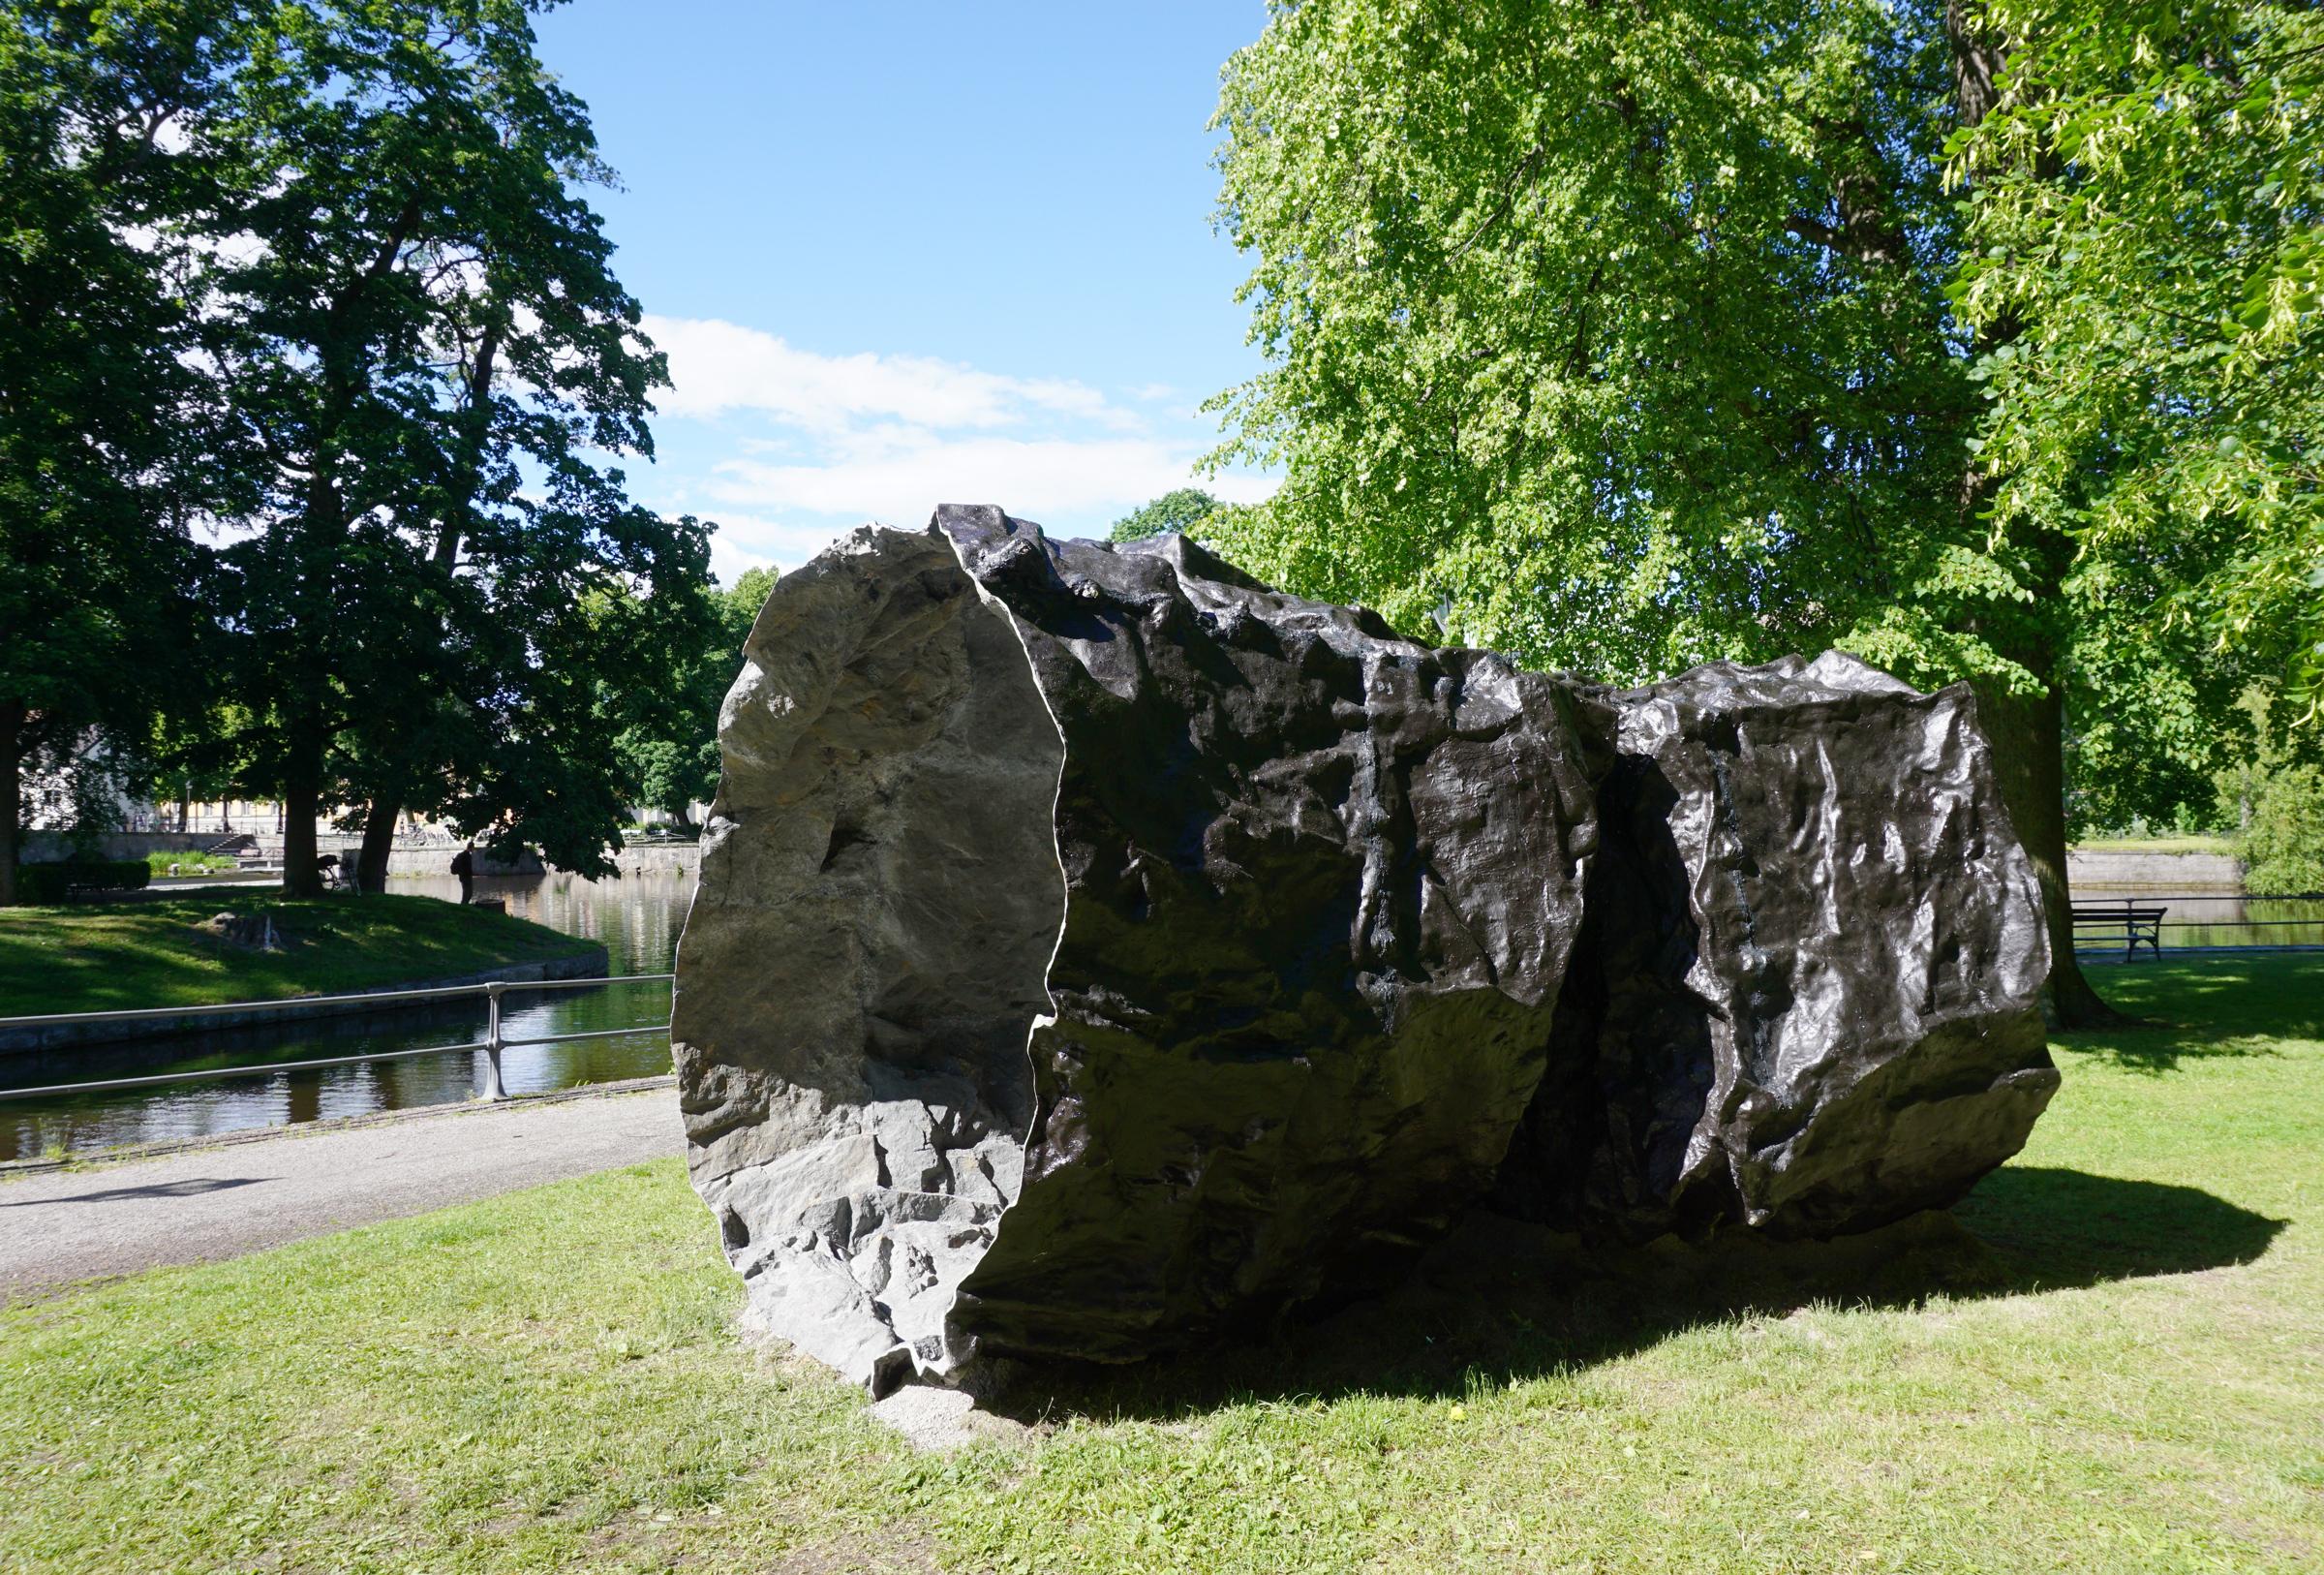 Vacuus, 2016. Fibra de vidrio, resina, pintura poliuretano, pigmentos minerales. 240 x 510 cm. Slottsparken, Örebro, SU